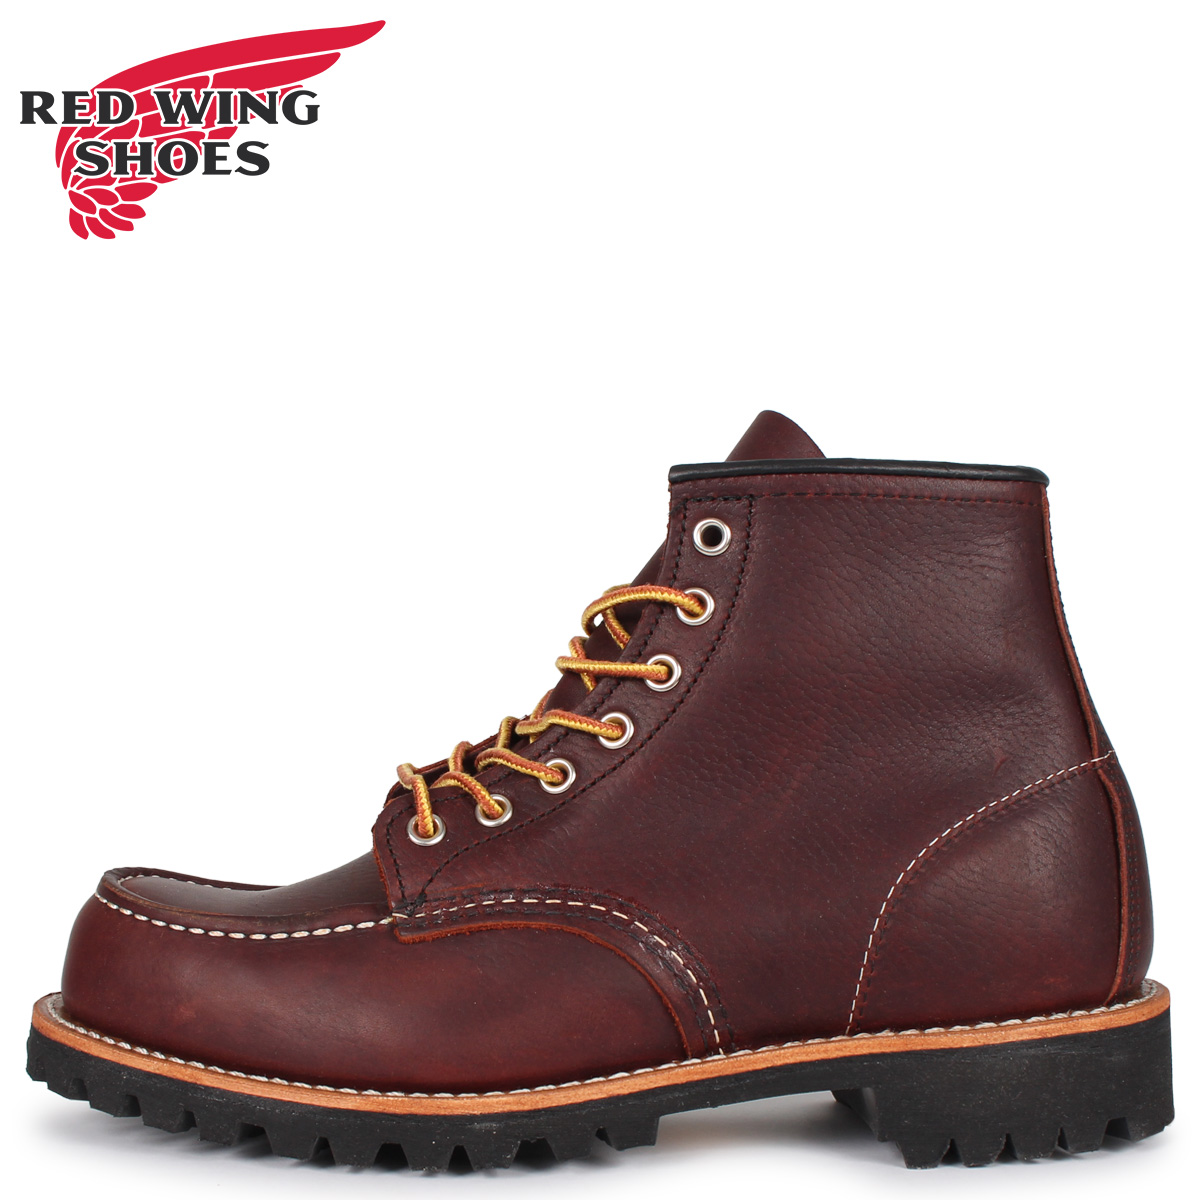 RED WING レッドウィング ブーツ アイリッシュセッター ラフネック メンズ レディース ROUGHNECK 6INCH BOOT Dワイズ ダーク ブラウン 8146